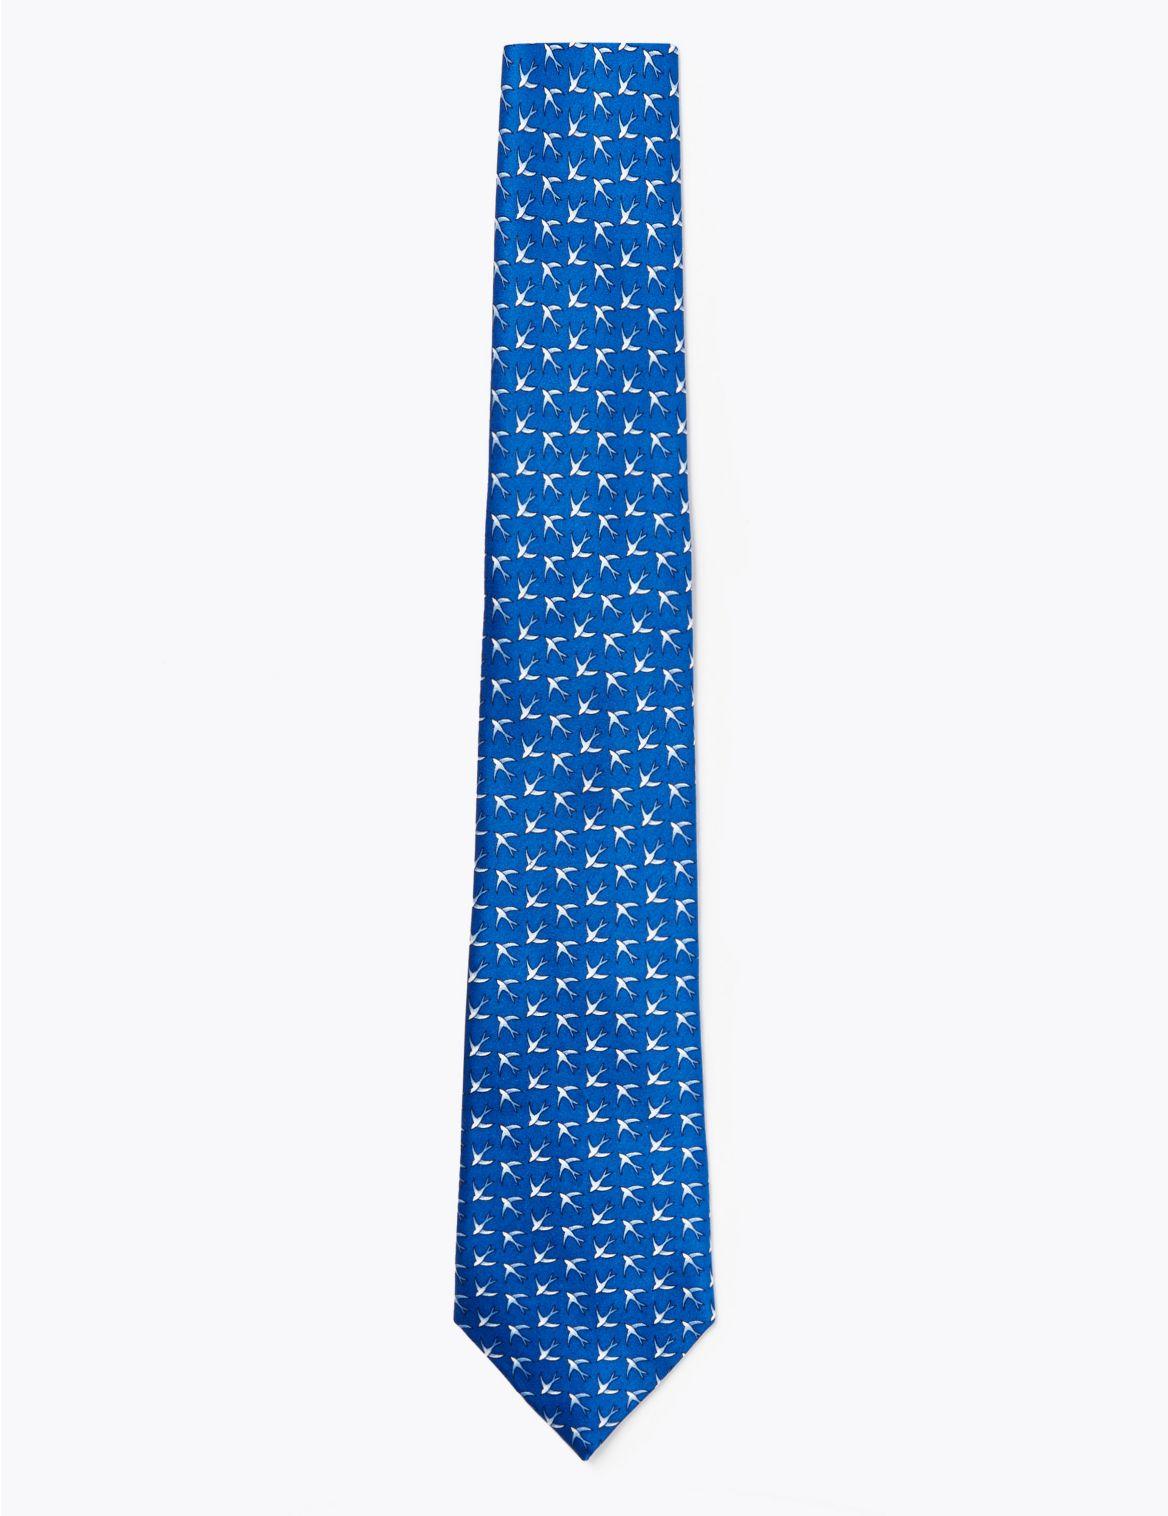 Cravate classique en soie de qualitĂŠ supĂŠrieure Ă imprimĂŠ hirondelle